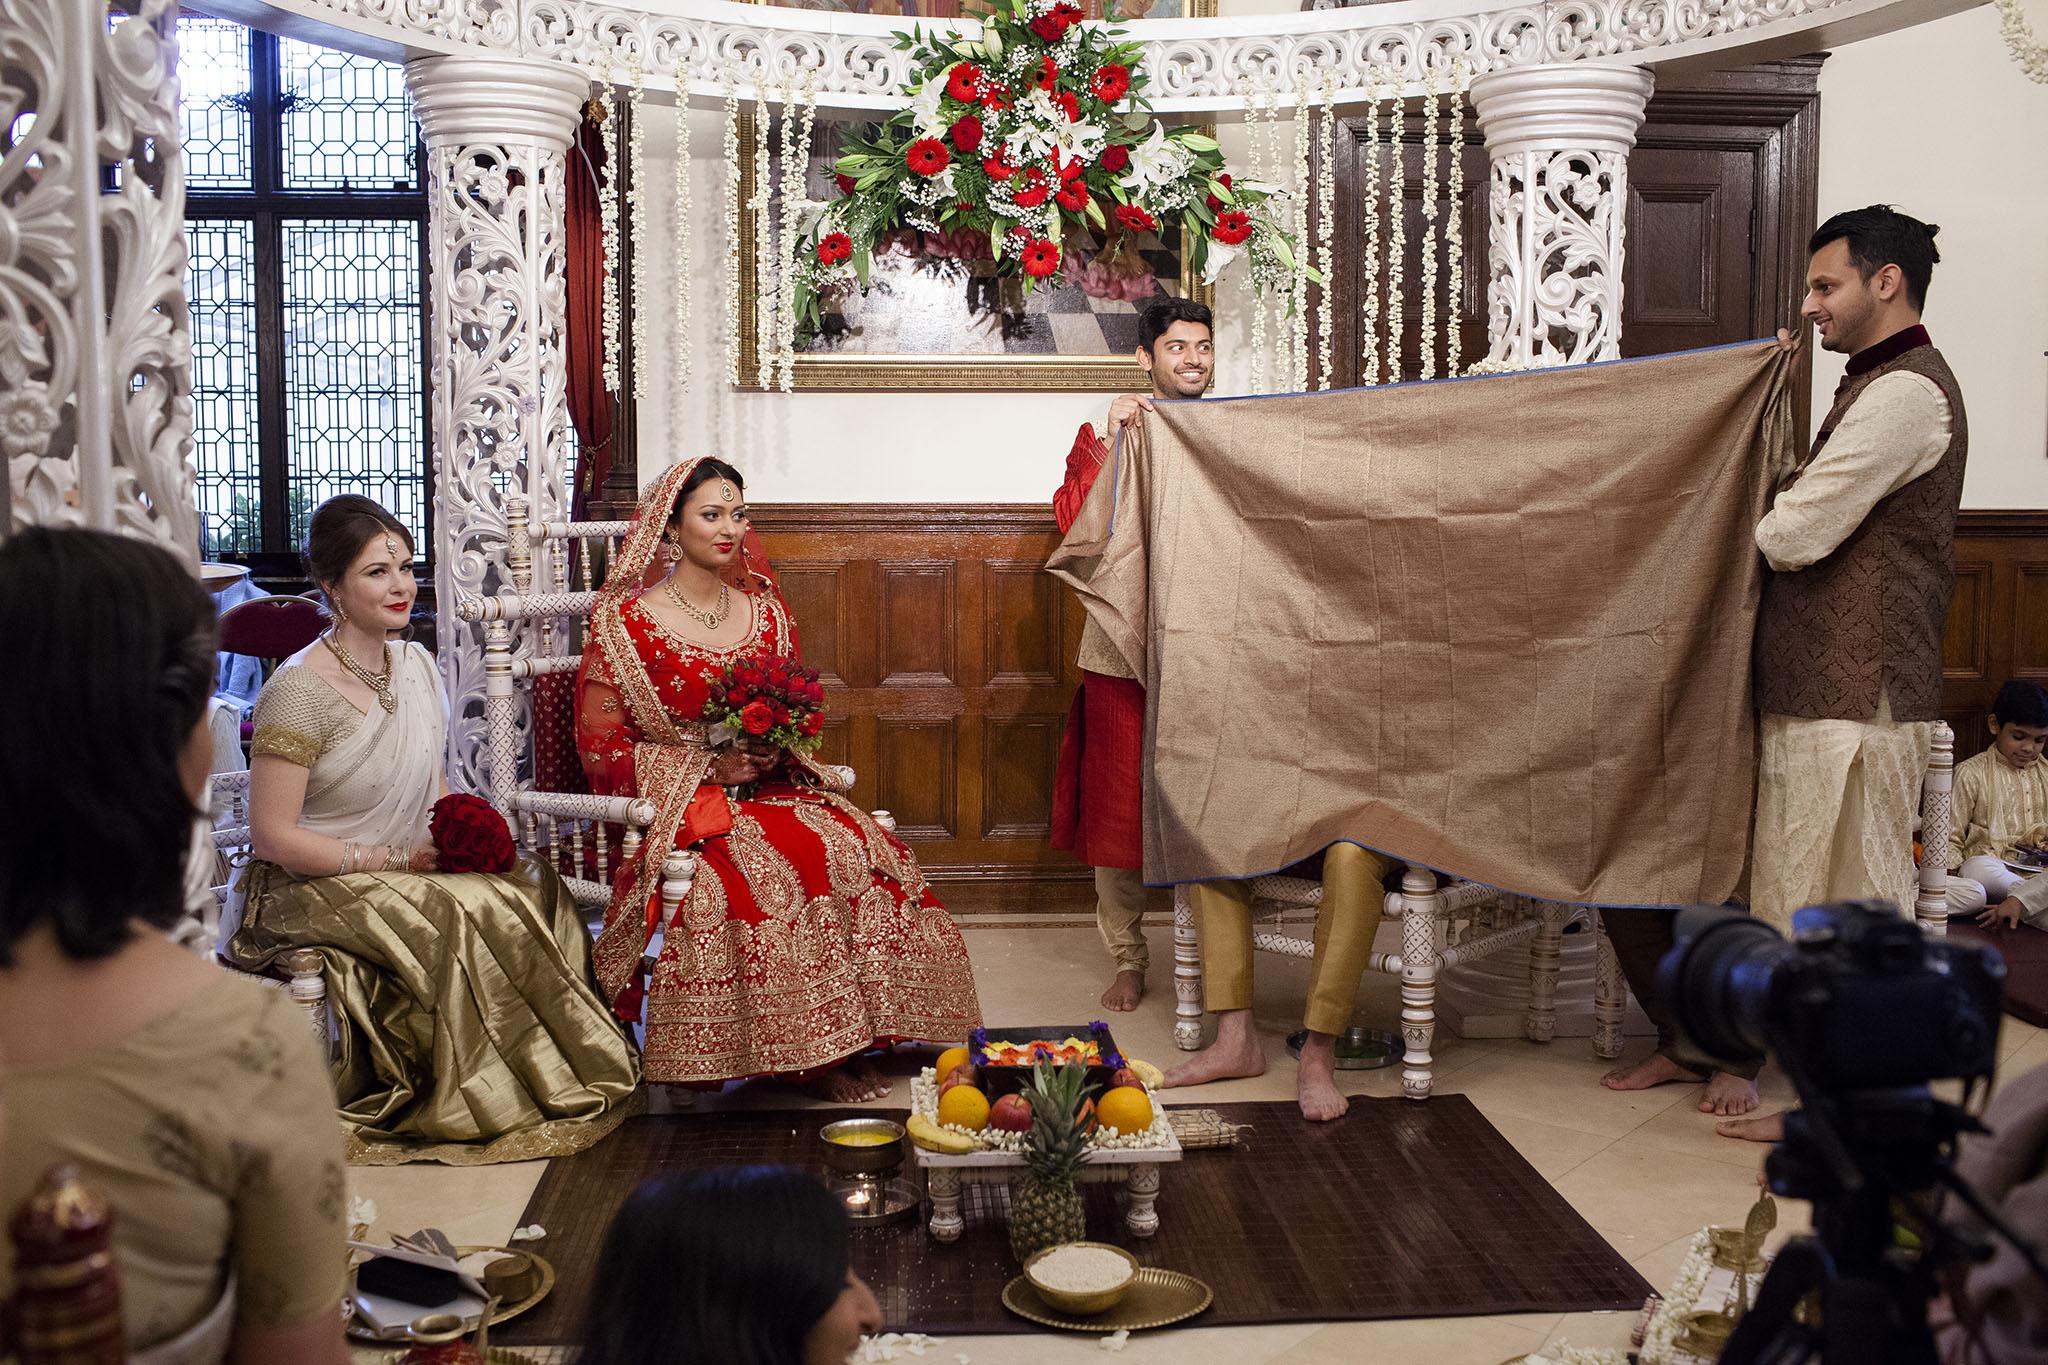 elizabethgphotography_kingslangley_hertfordshire_fineart_indian_wedding_photography_bhavesh_kundalata_bhaktivedanta_manor_watford_jpg06.jpg